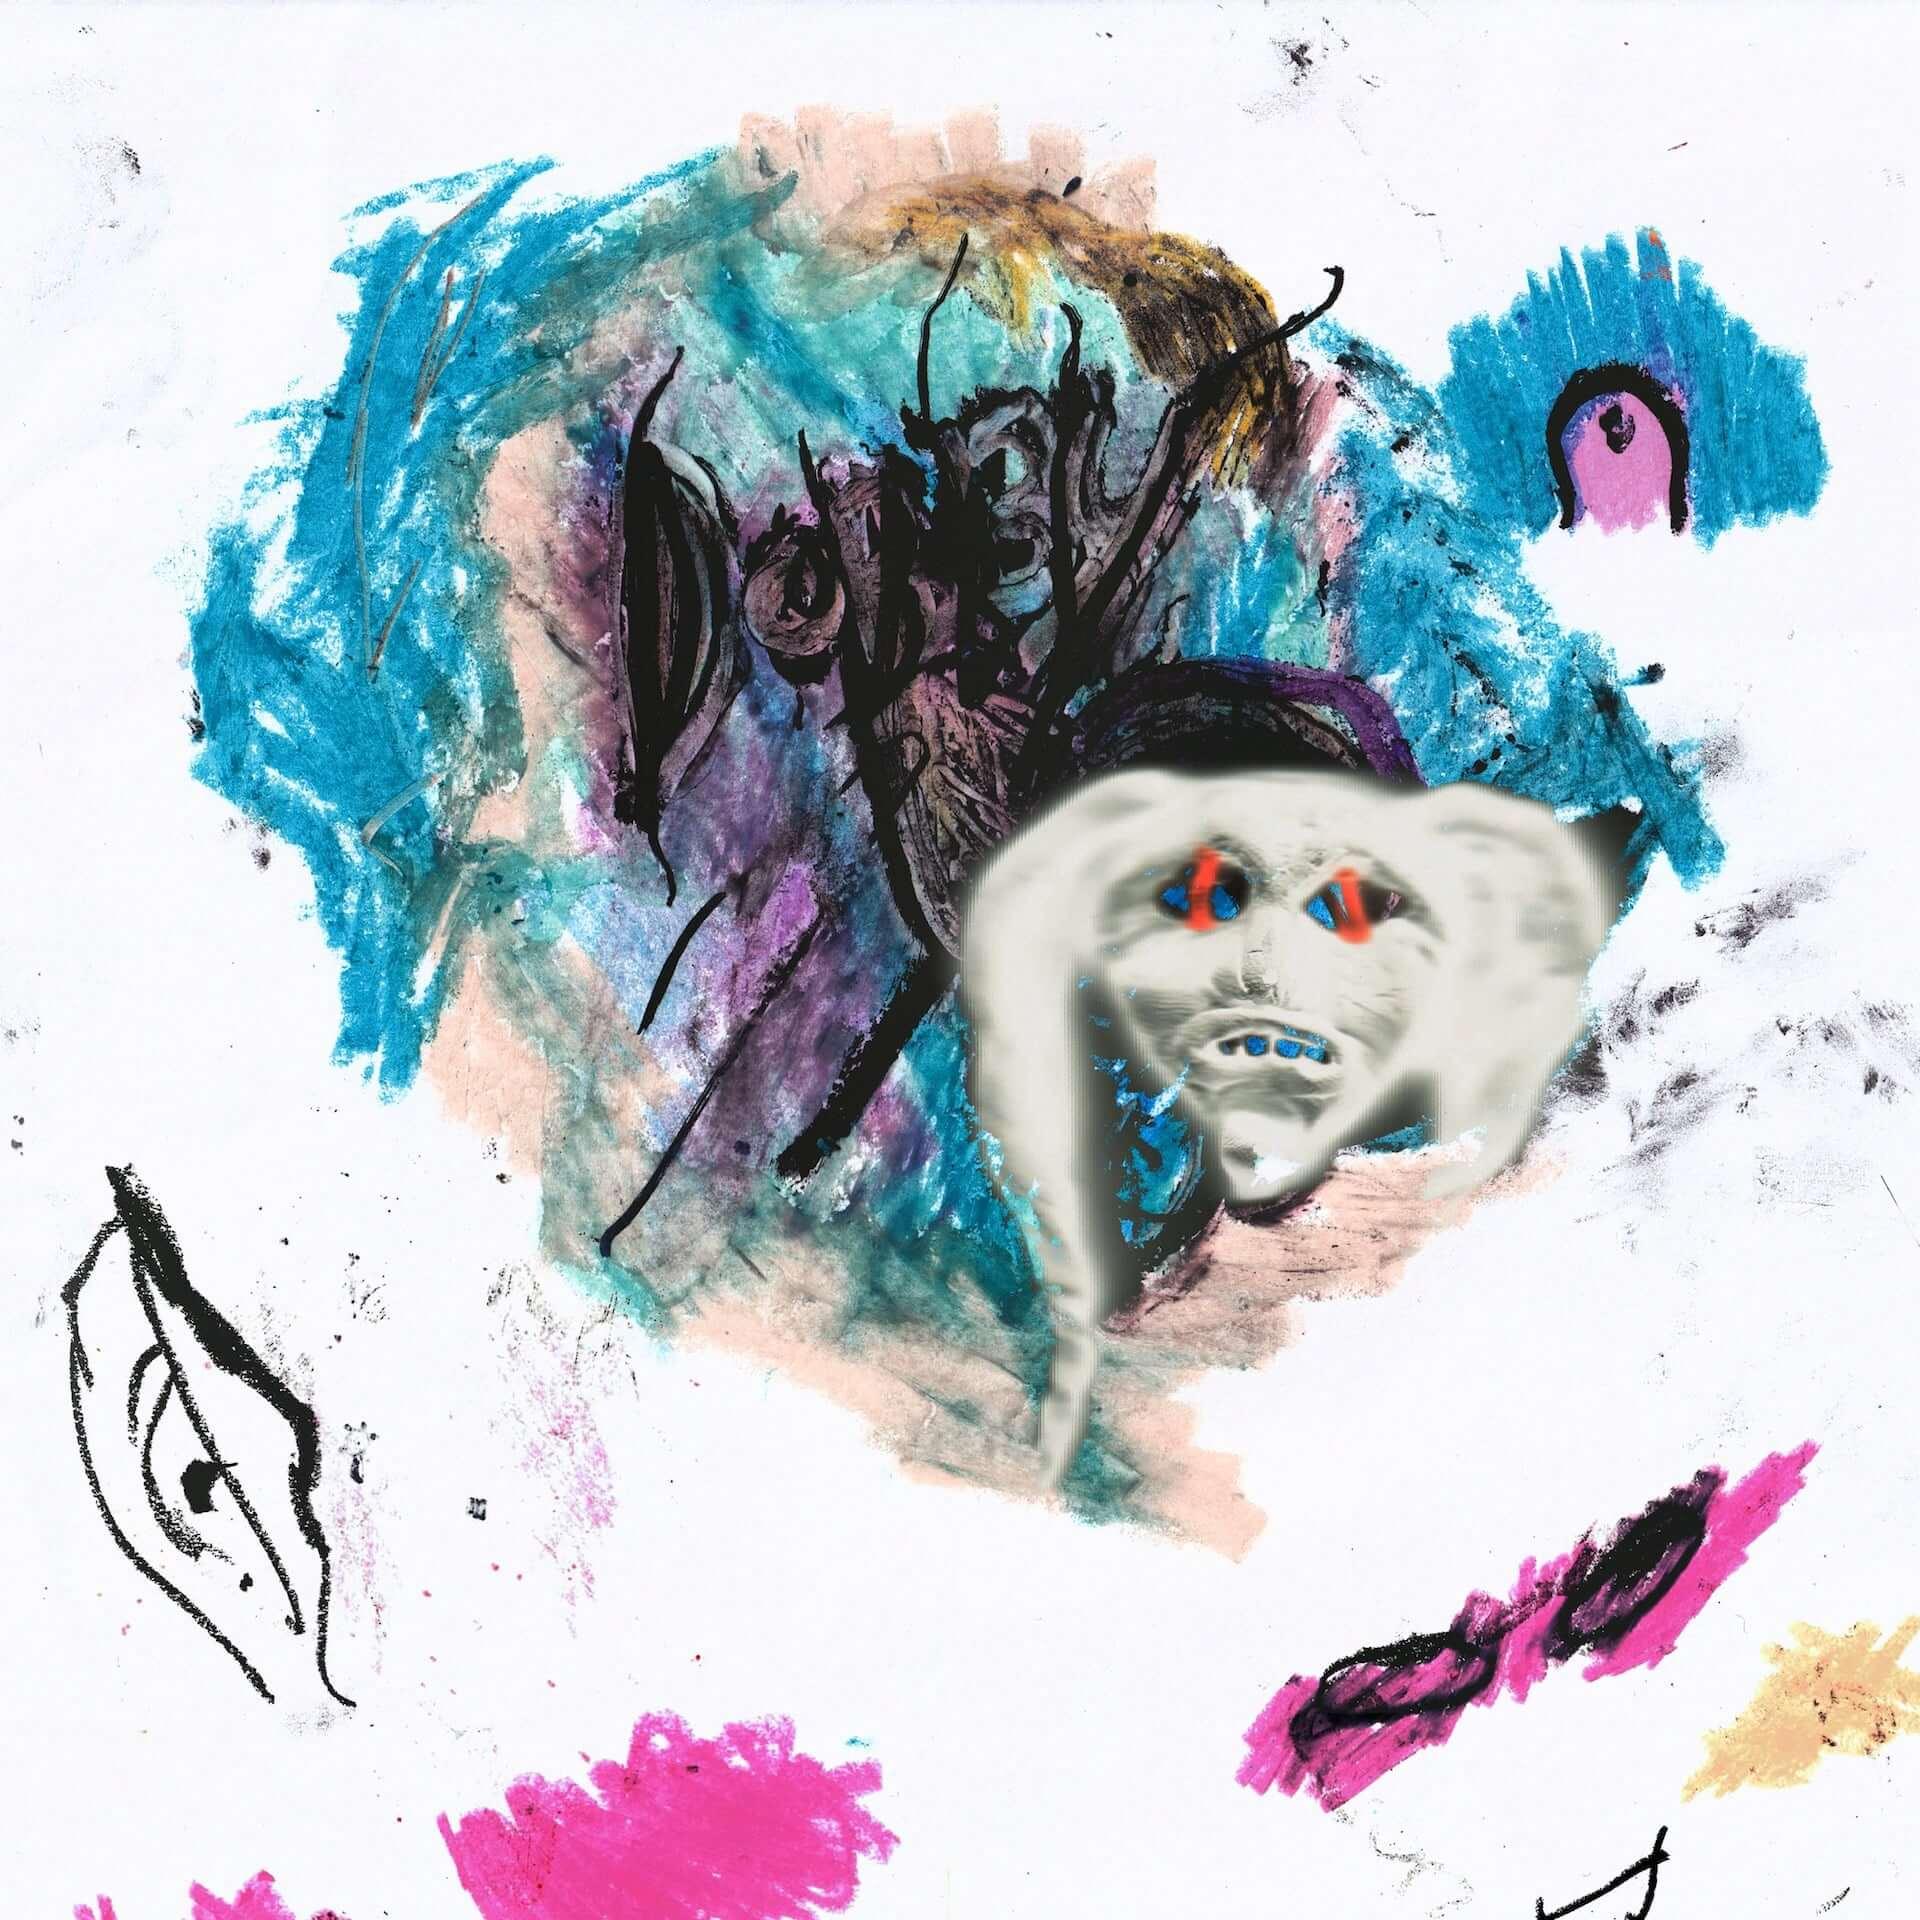 SamphaやFKA twigs擁する〈Young Turks〉から1010 Benja SLの新曲「Dobby」がリリース!モダンでソウルフルなラブソング music200415_1010benjasl_1-1920x1920